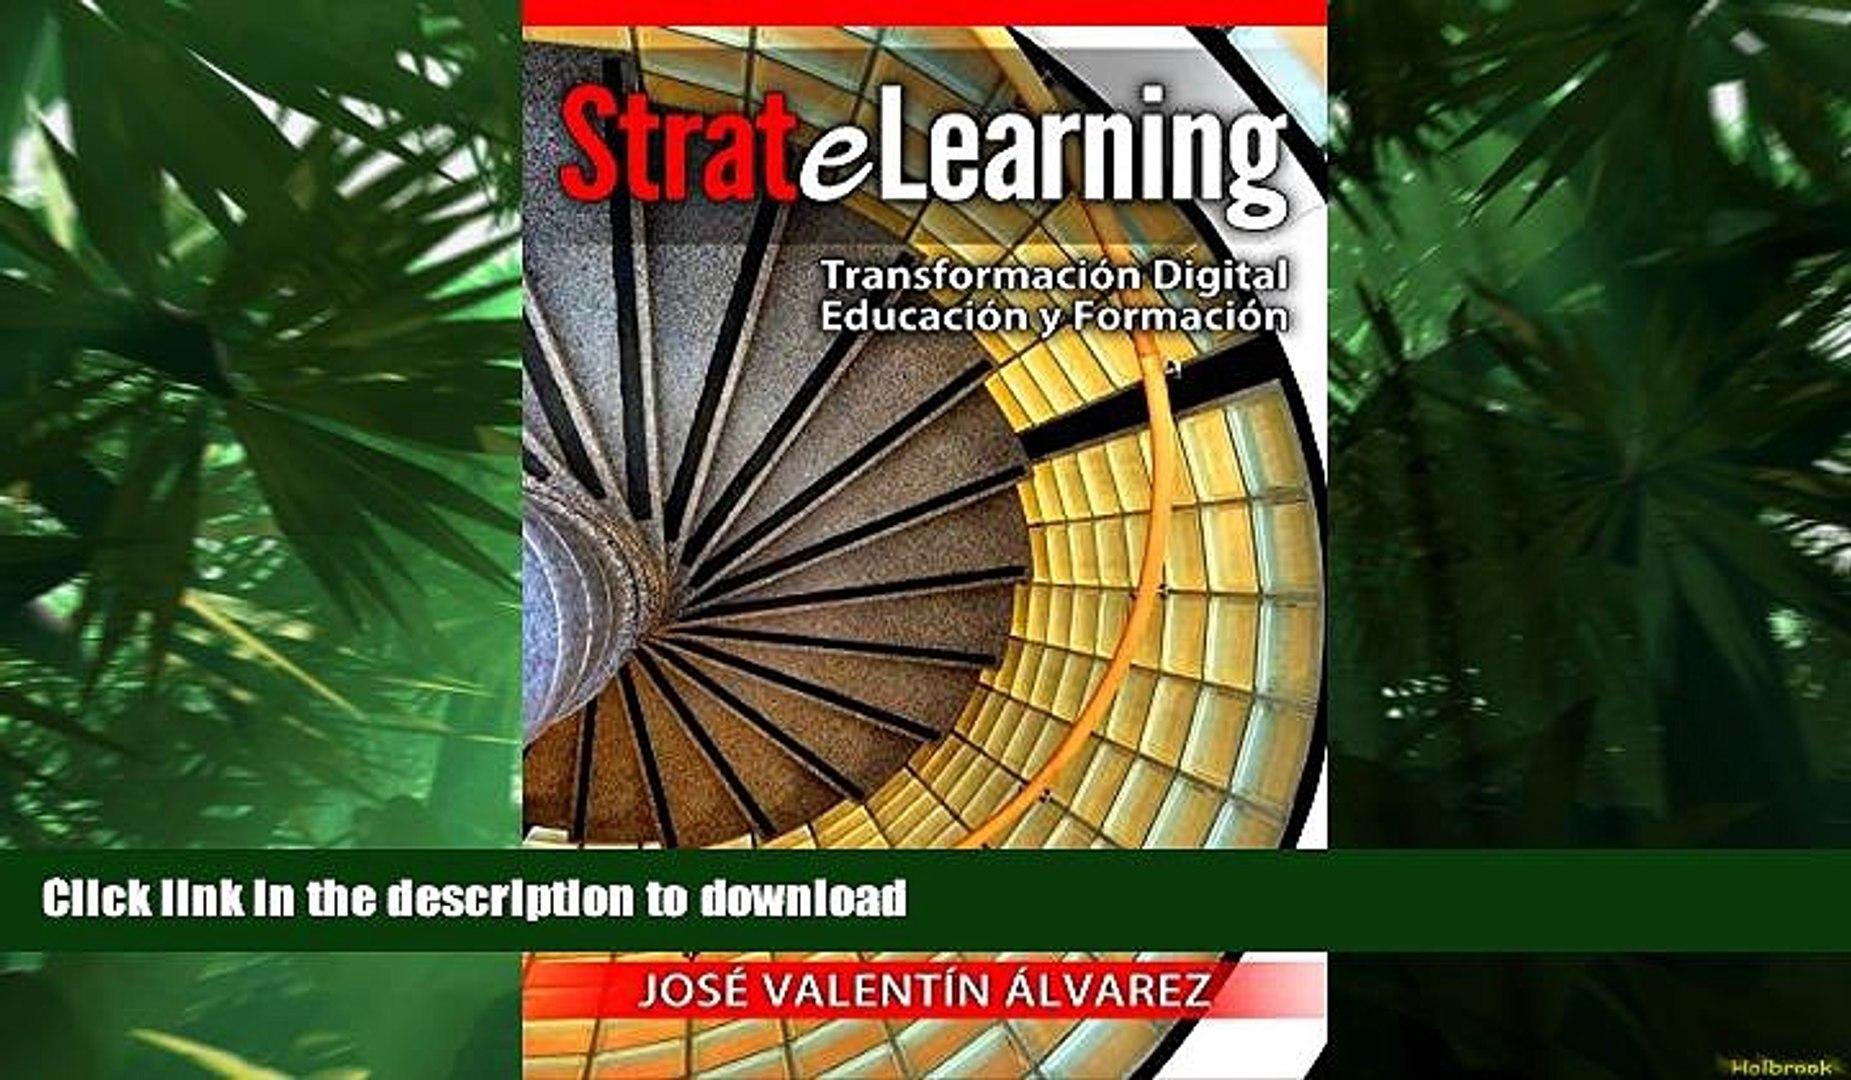 Hardcover StrateLearning: Transformación Digital de la Educación y Formación (Spanish Edition)